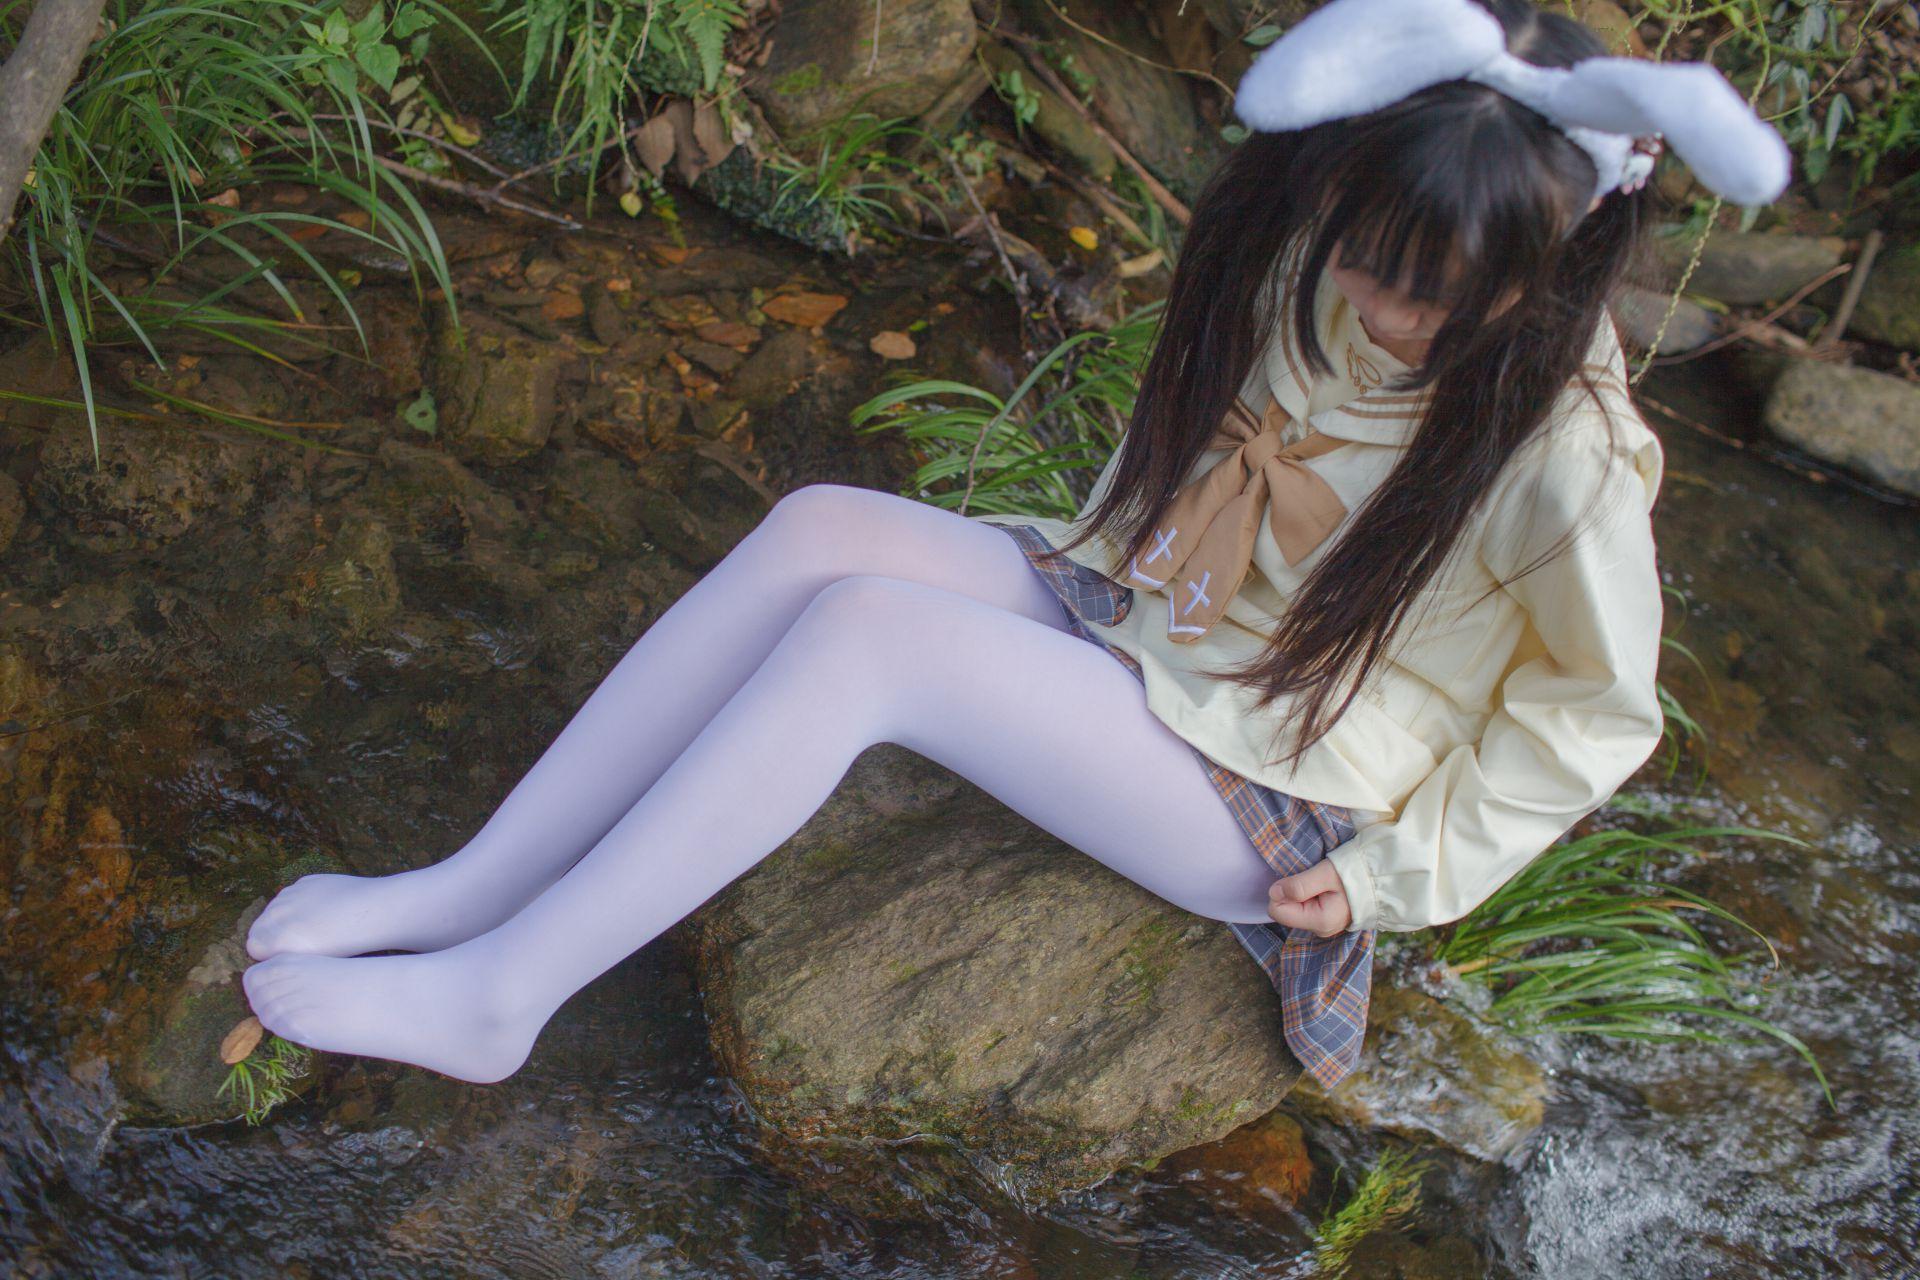 少女秩序 EXVOL.02 白丝户外 活捉野外小姐姐 兔玩映画 第31张